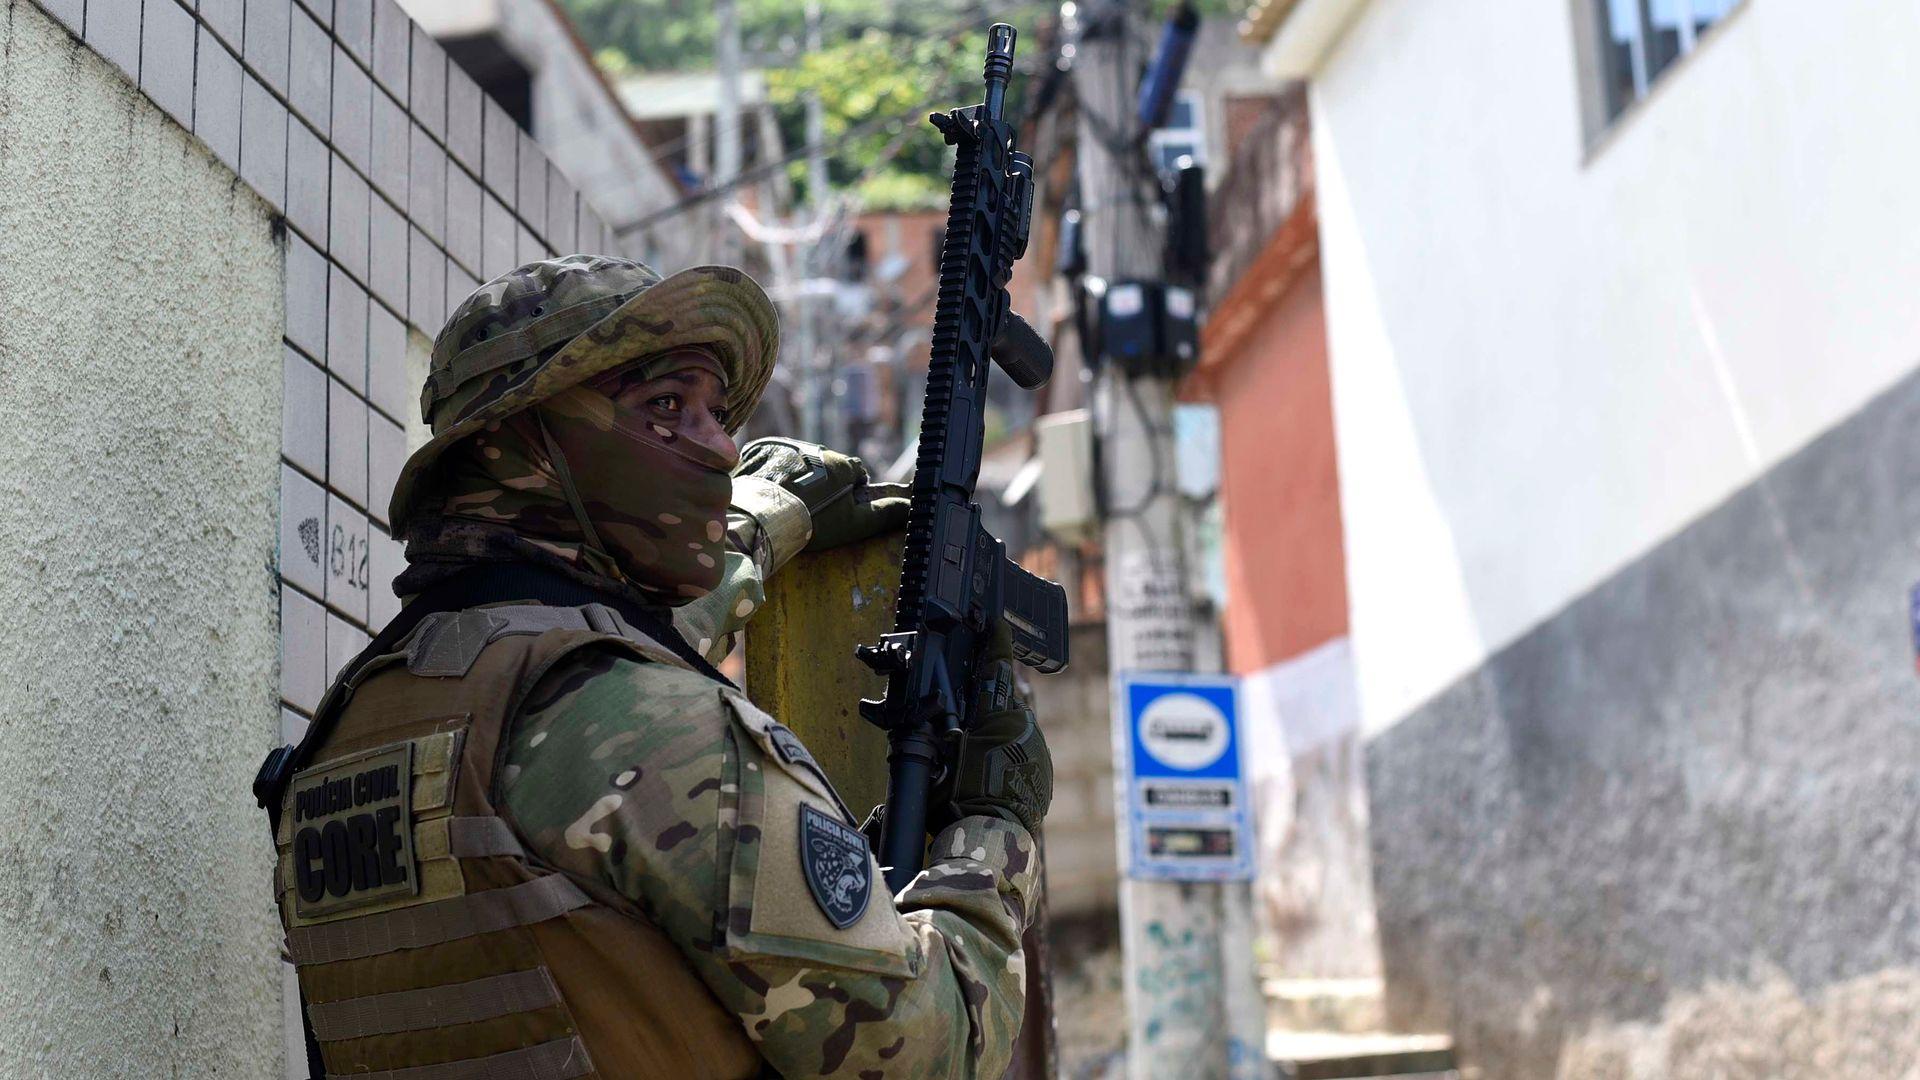 Policial durante operação para prender suspeitos e drogas no Bairro da Penha, em Vitória